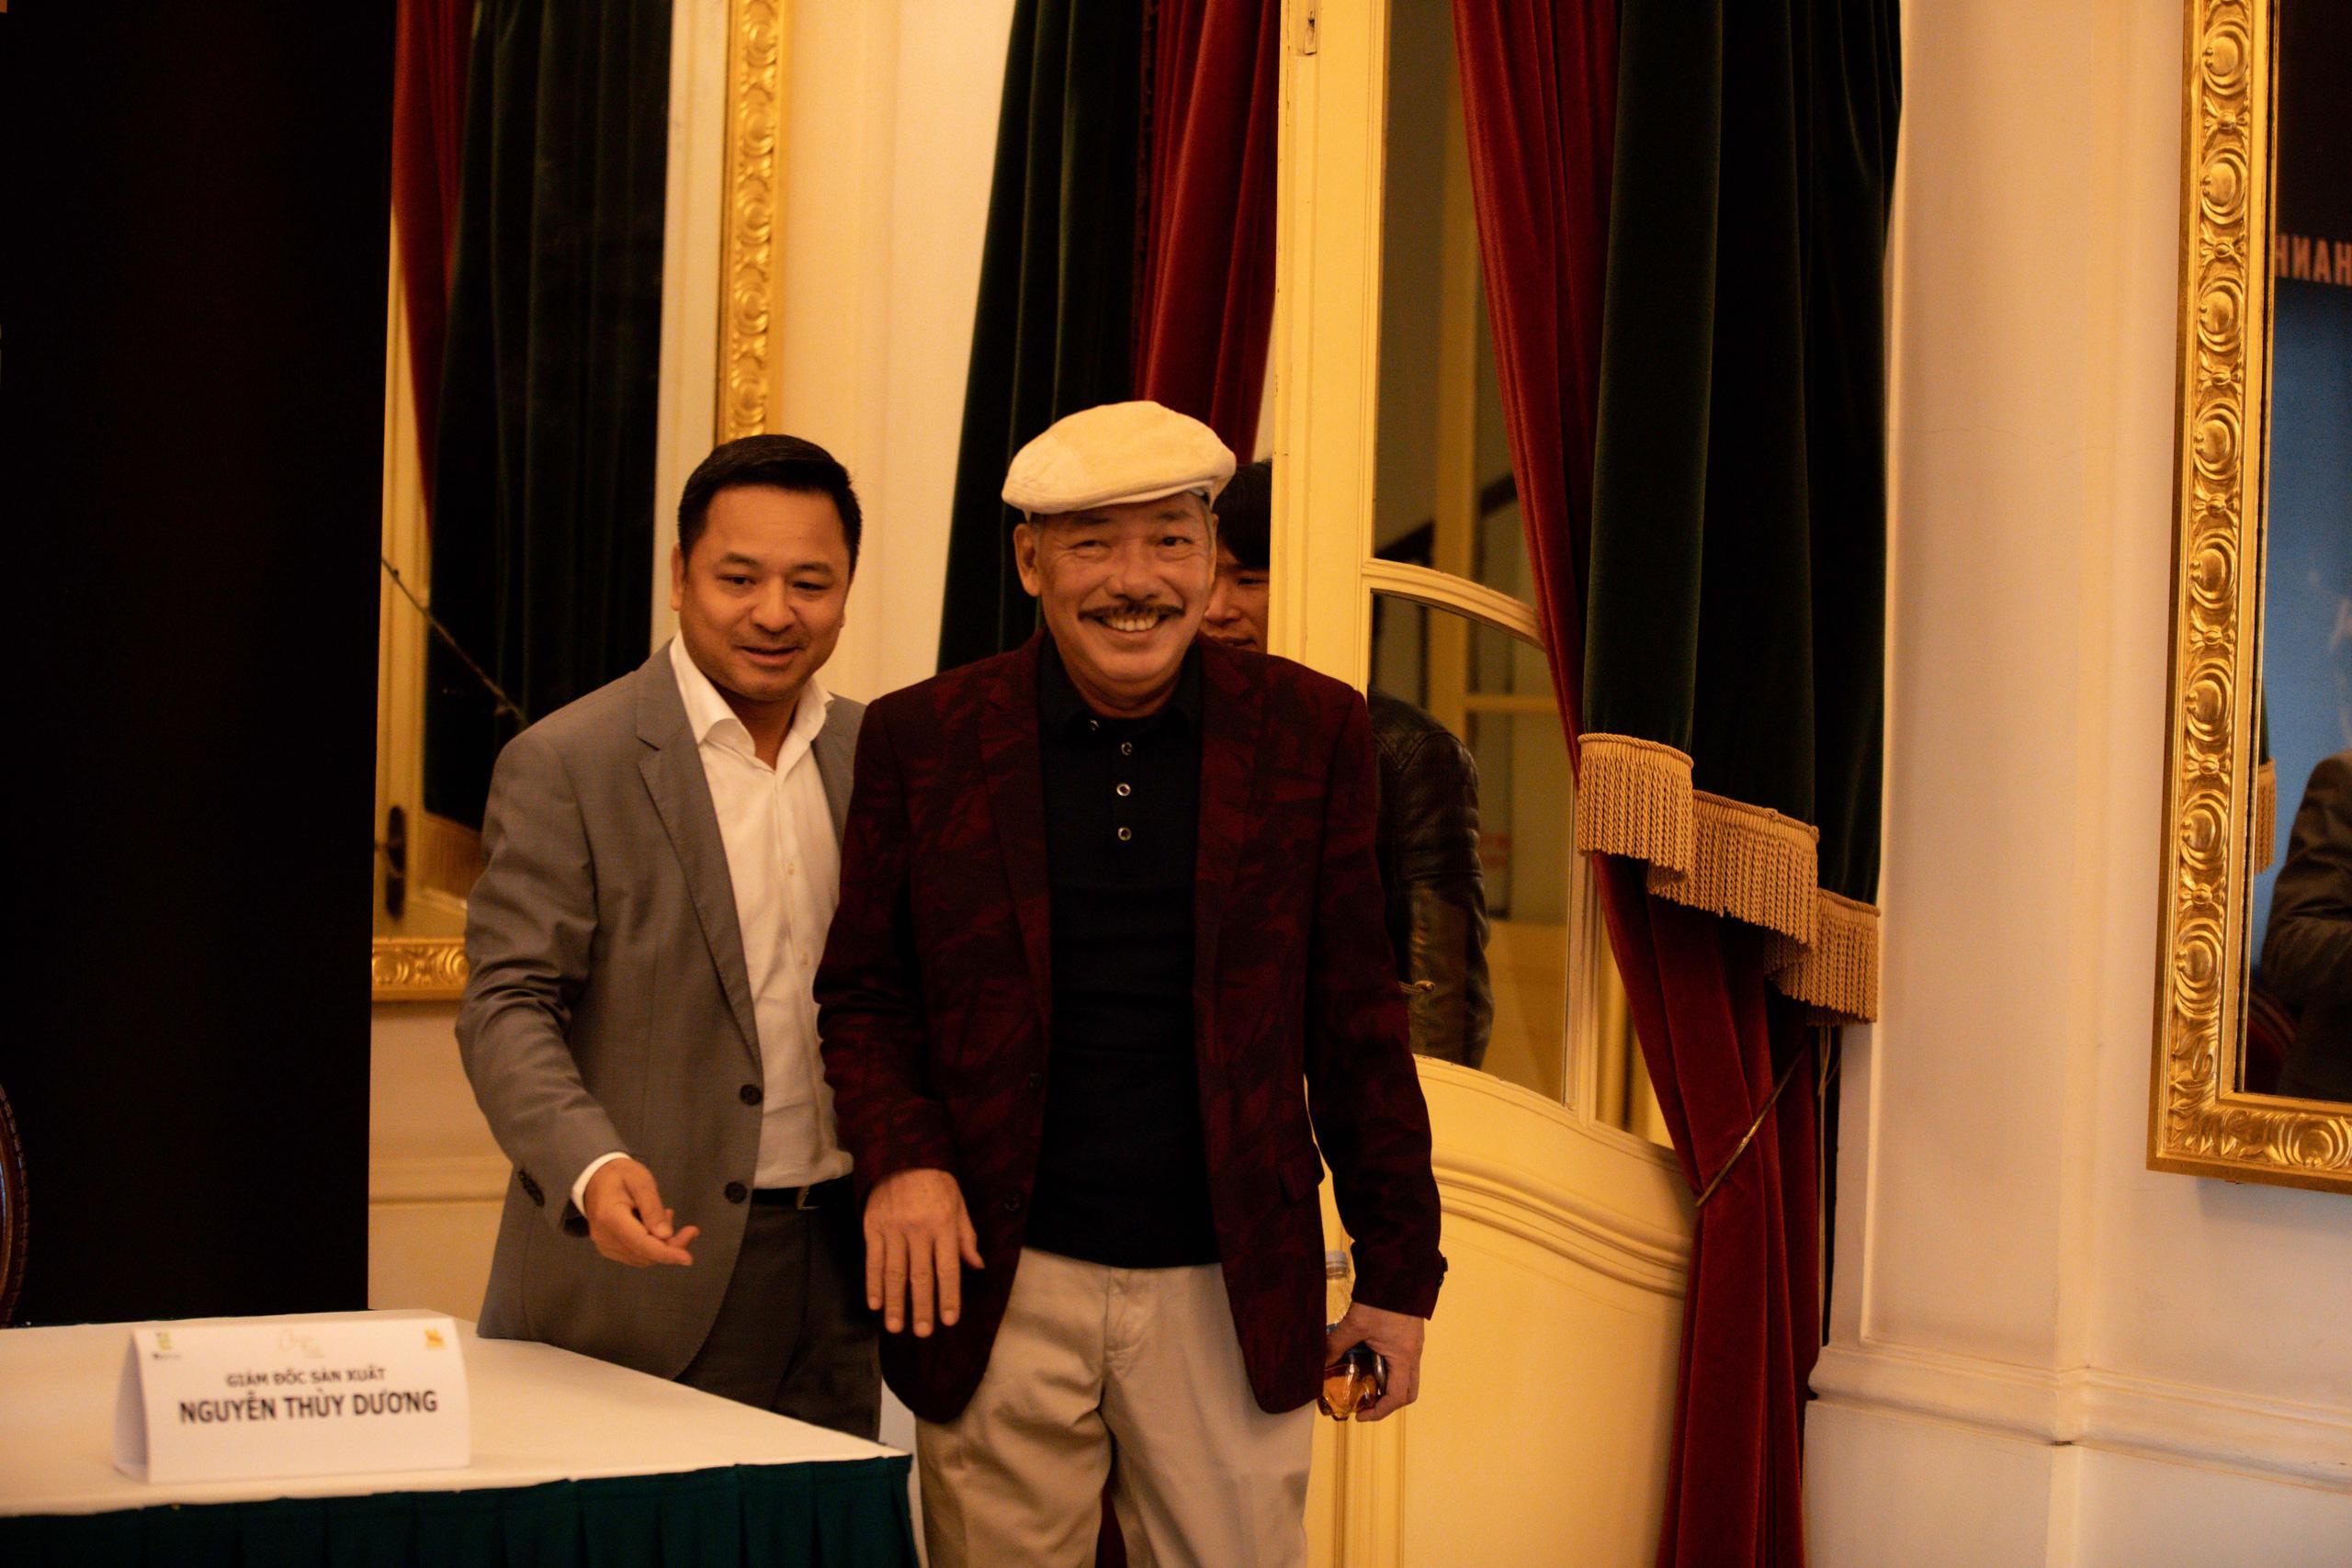 Nhạc sĩ Trần Tiến lần đầu xuất hiện sau tin đồn thất thiệt, nói rõ về tình trạng sức khỏe hiện tại - Ảnh 2.